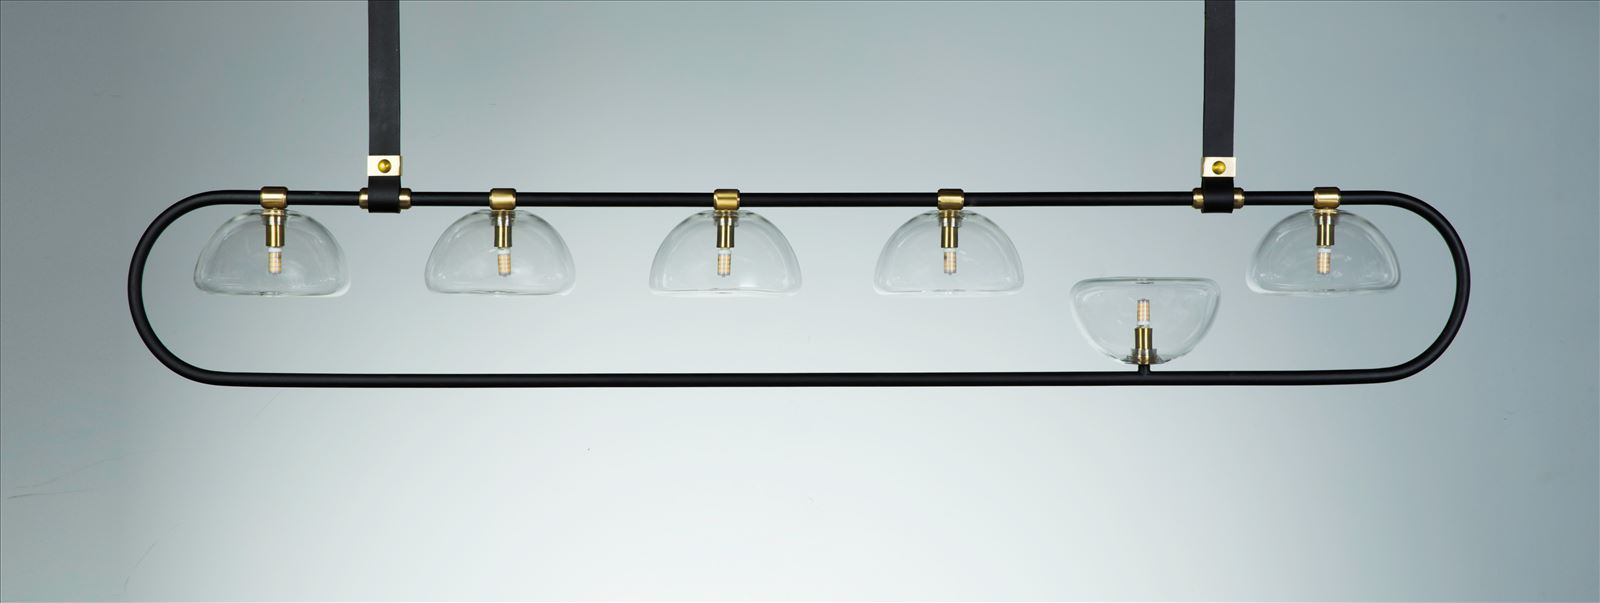 גופי תאורה מקטגוריית: גופי תאורה בייצור מיוחד ,שם המוצר: Elliptical